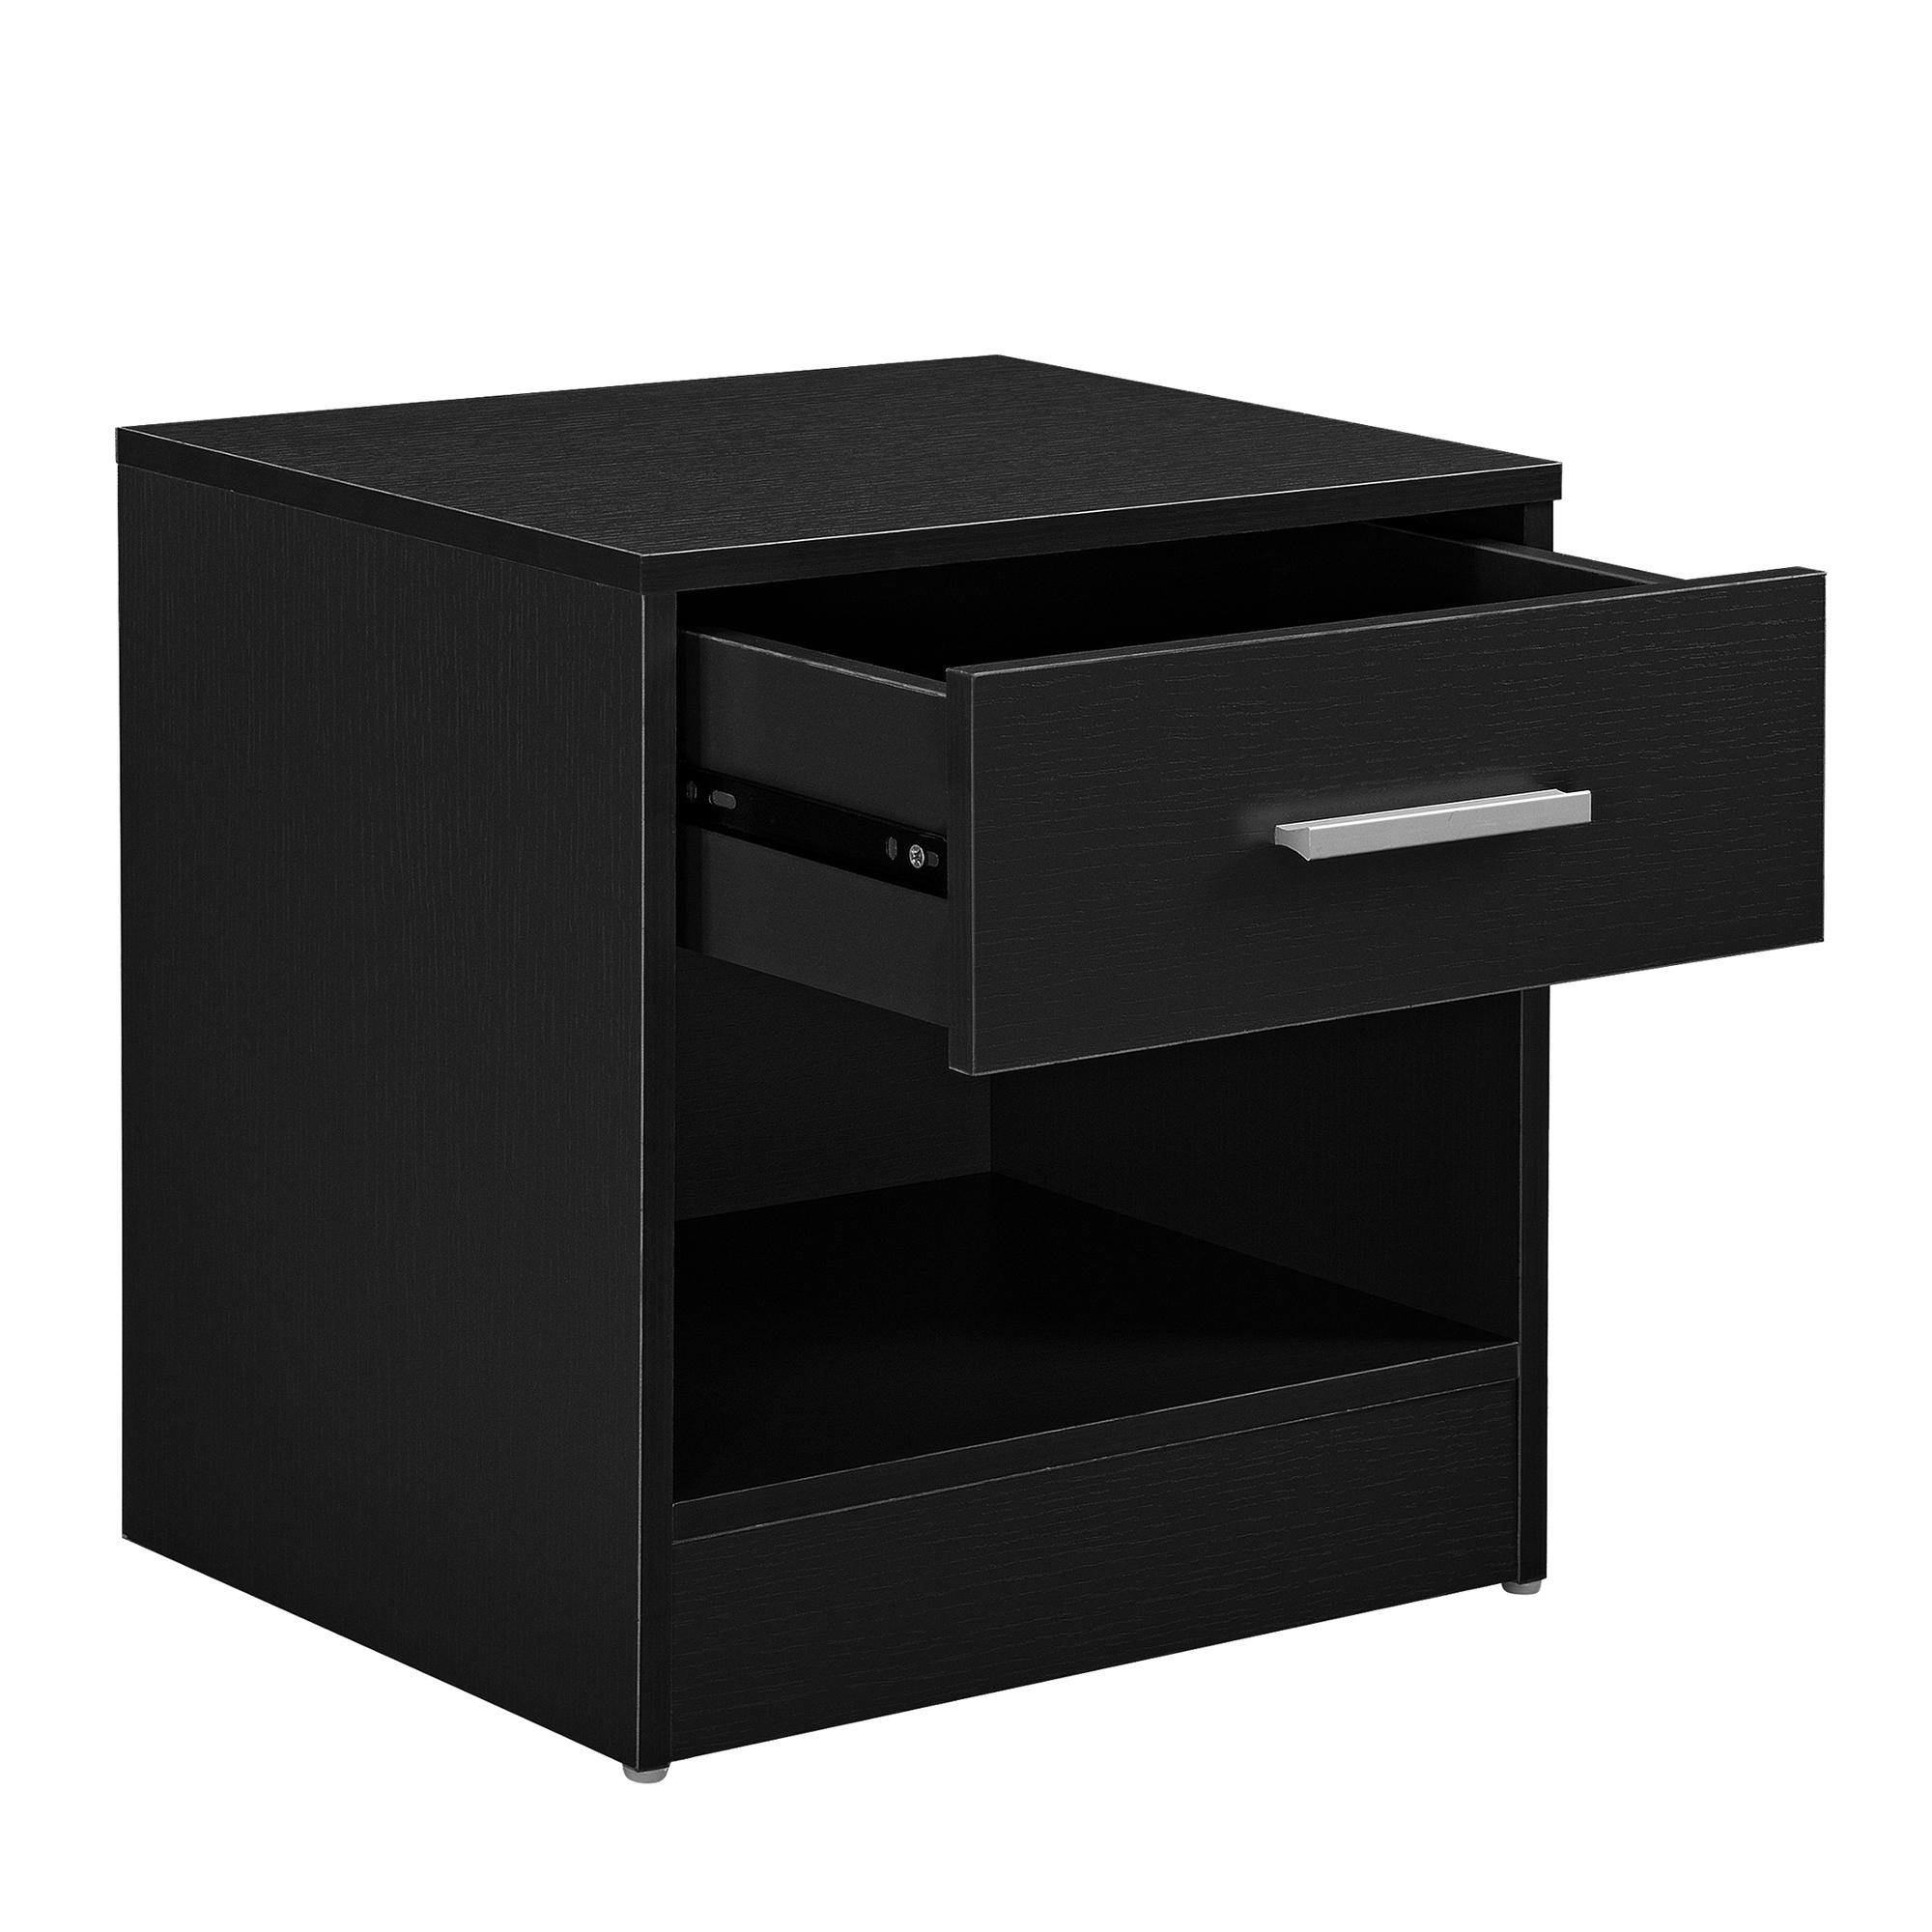 Table de chevet tiroir noir commode table d - Commode et table de chevet ...